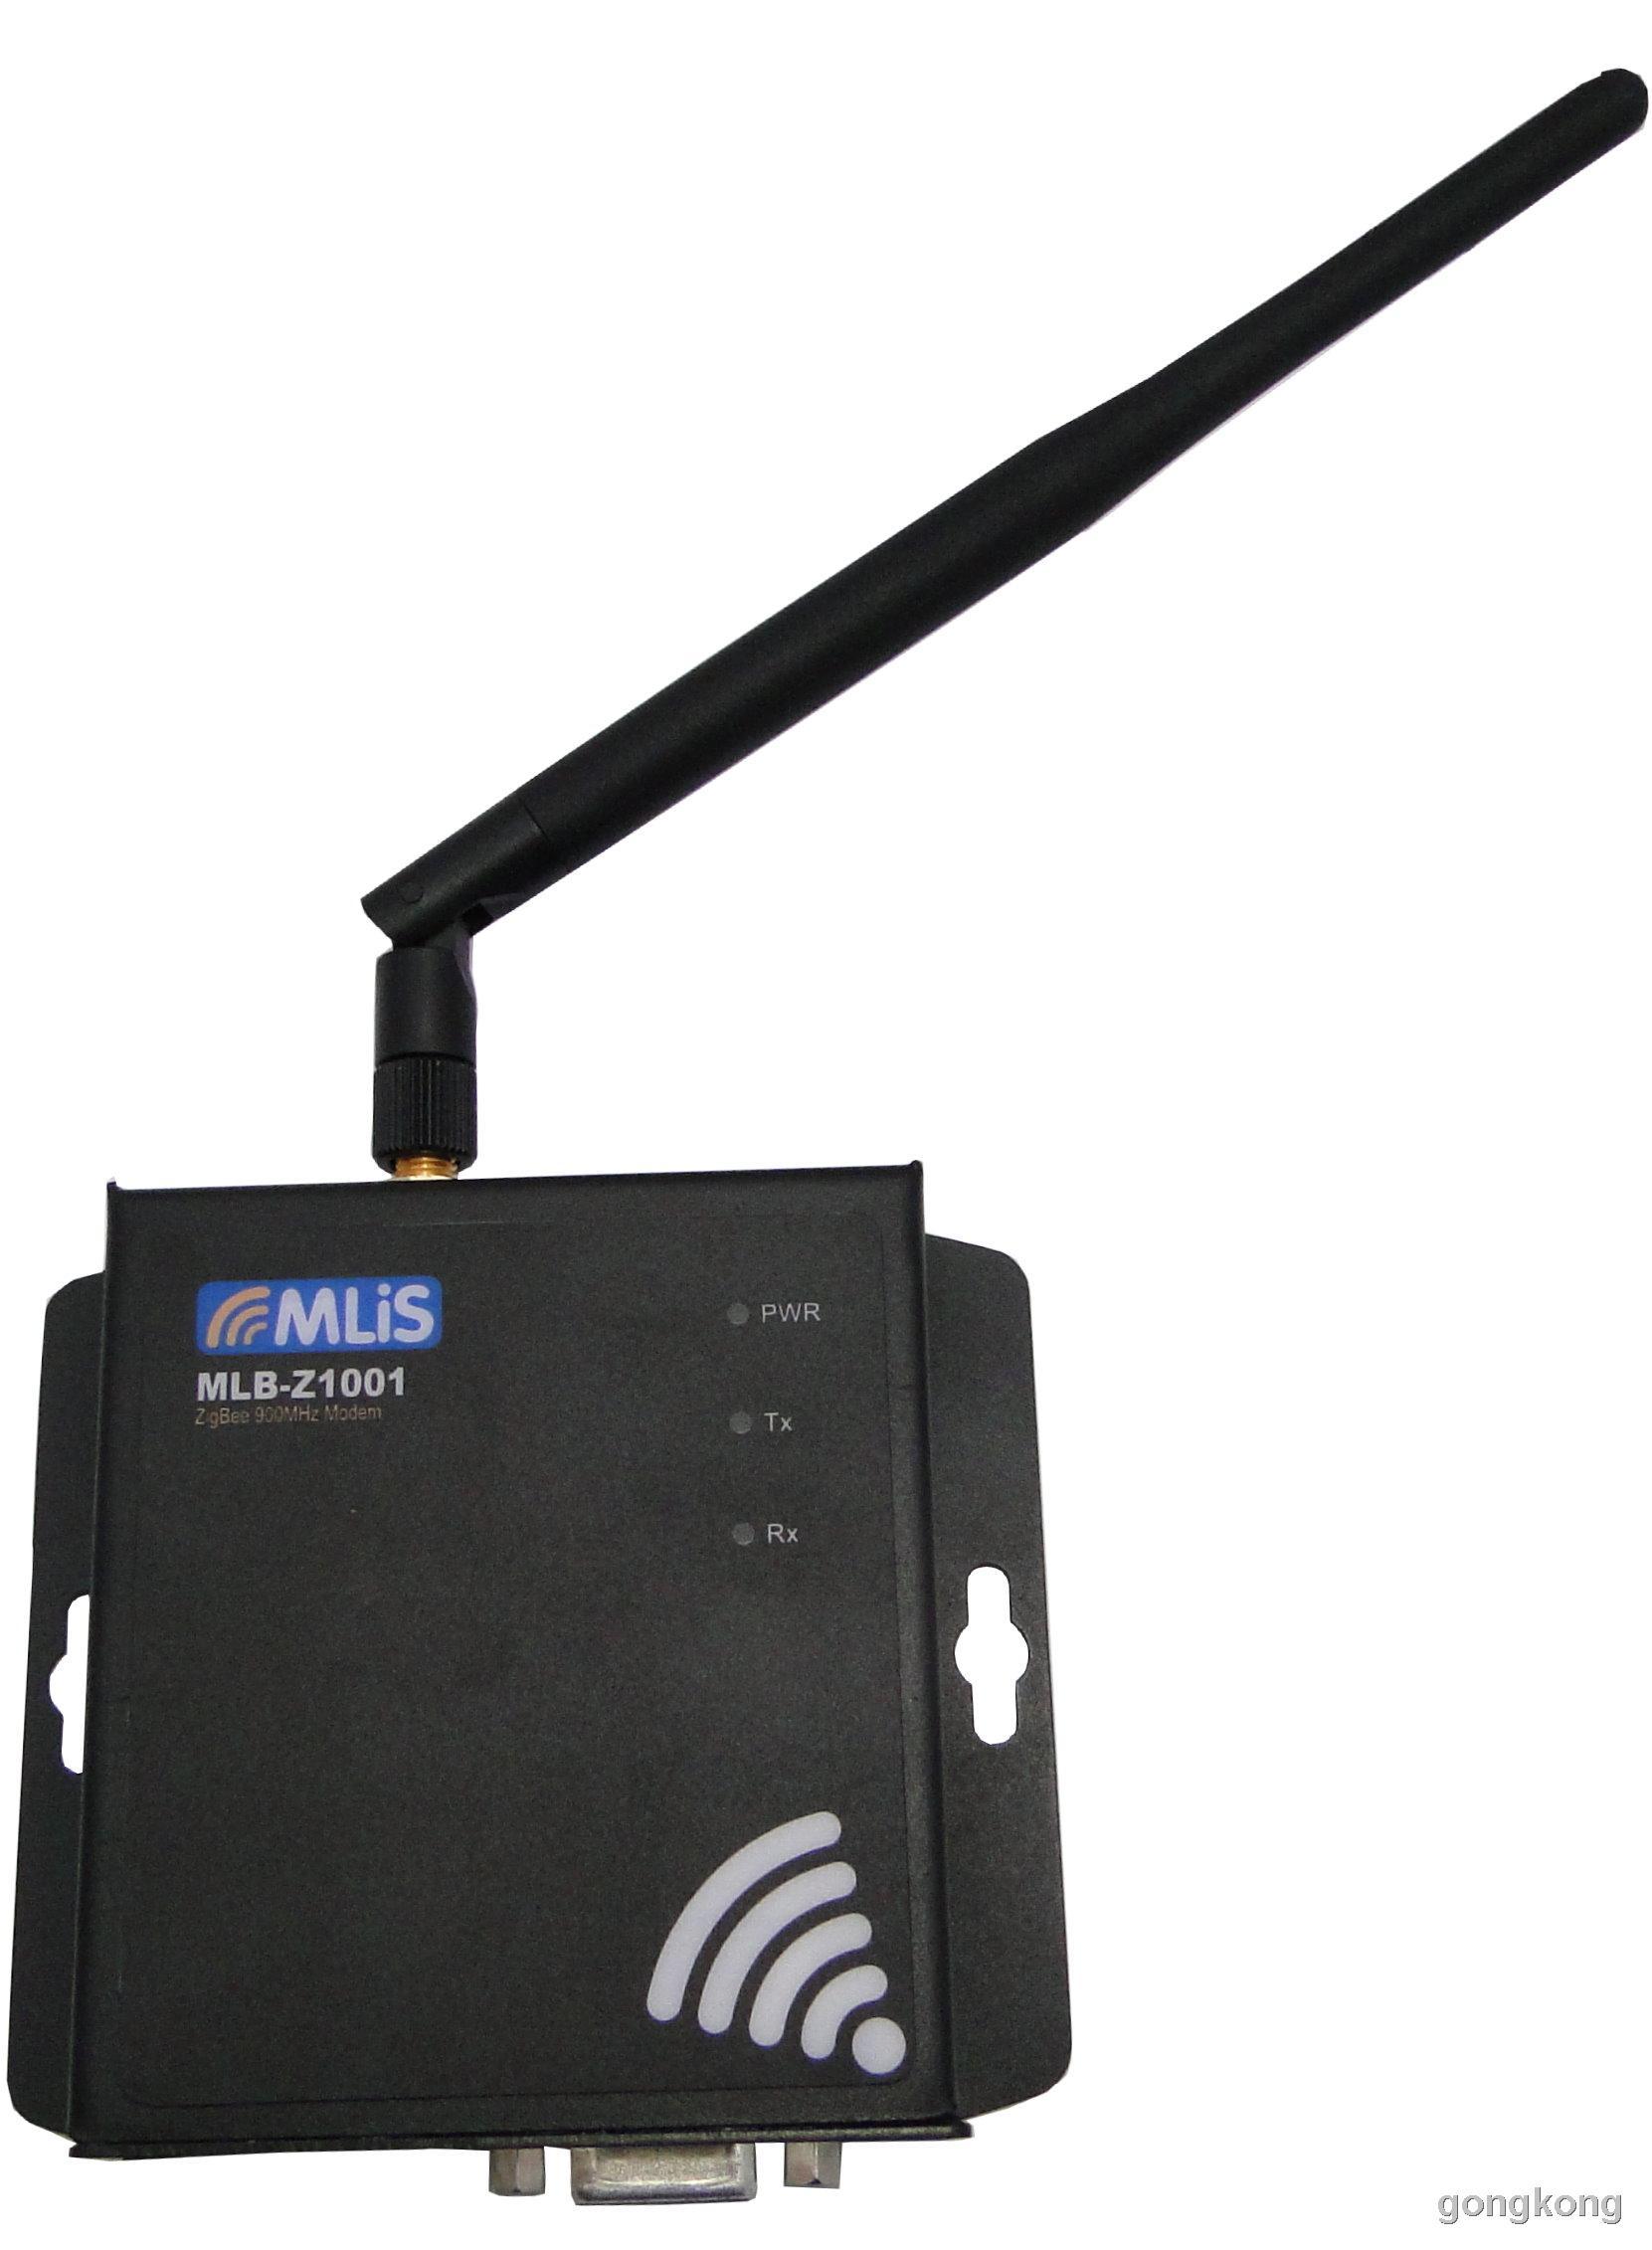 串口转900MHz终端   兴华科仪 MLiS MLB-Z1001